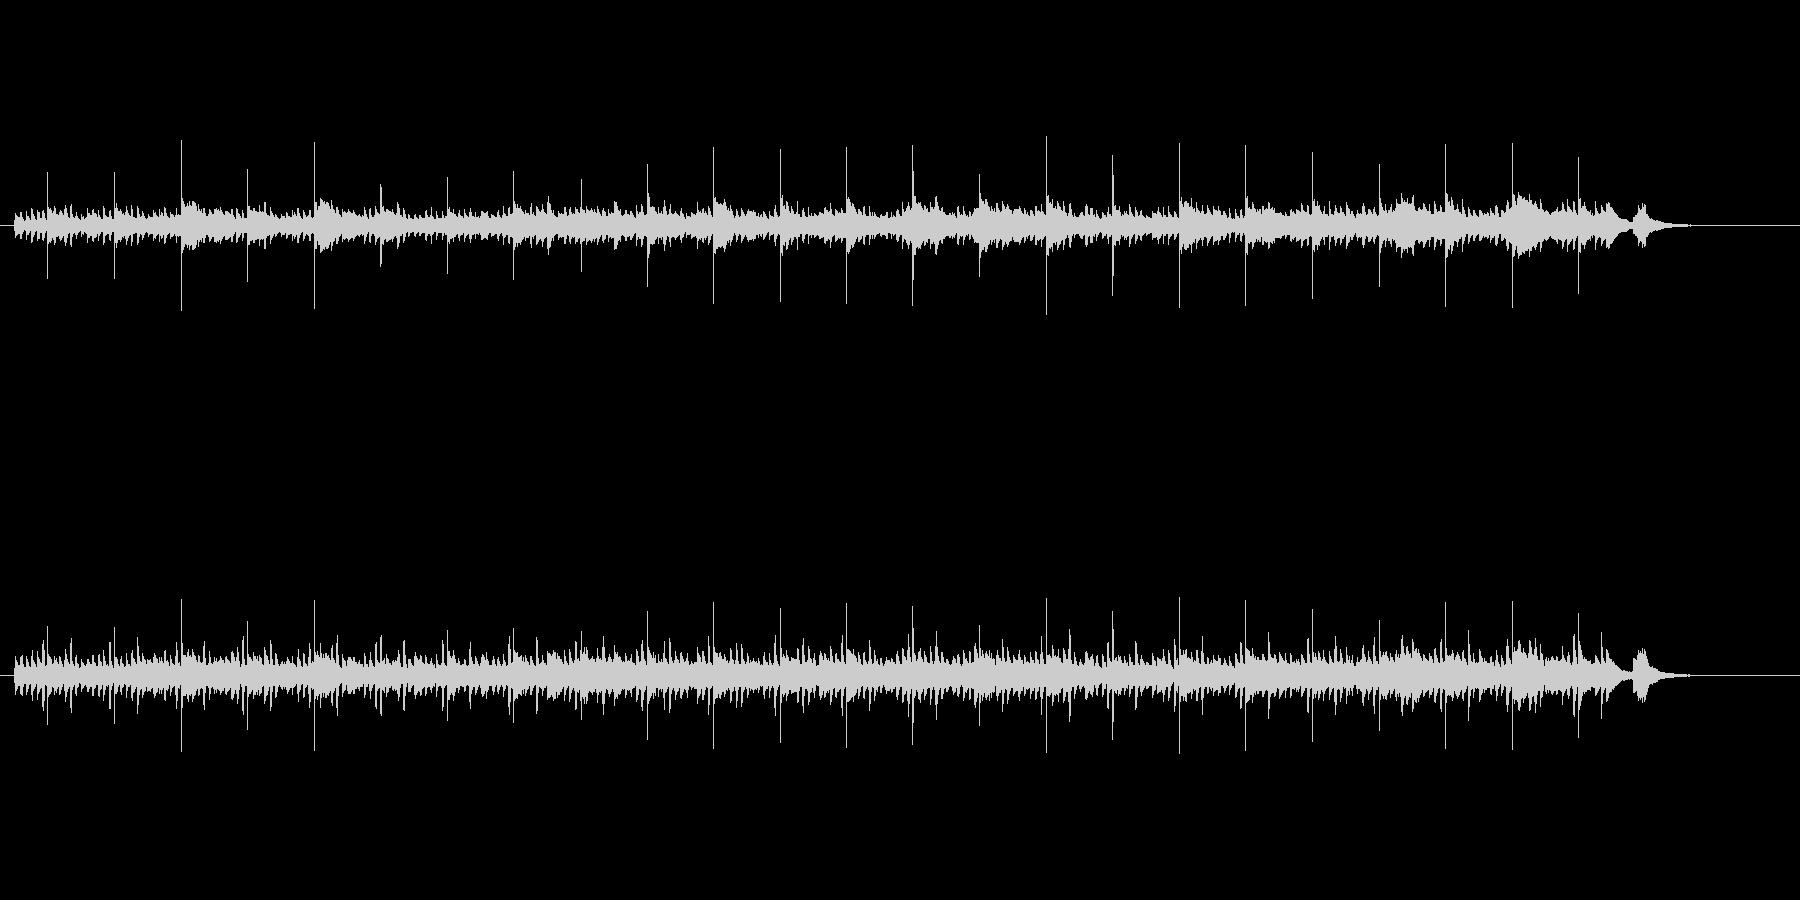 ハープの美しい音色が神秘的なアンビエントの未再生の波形